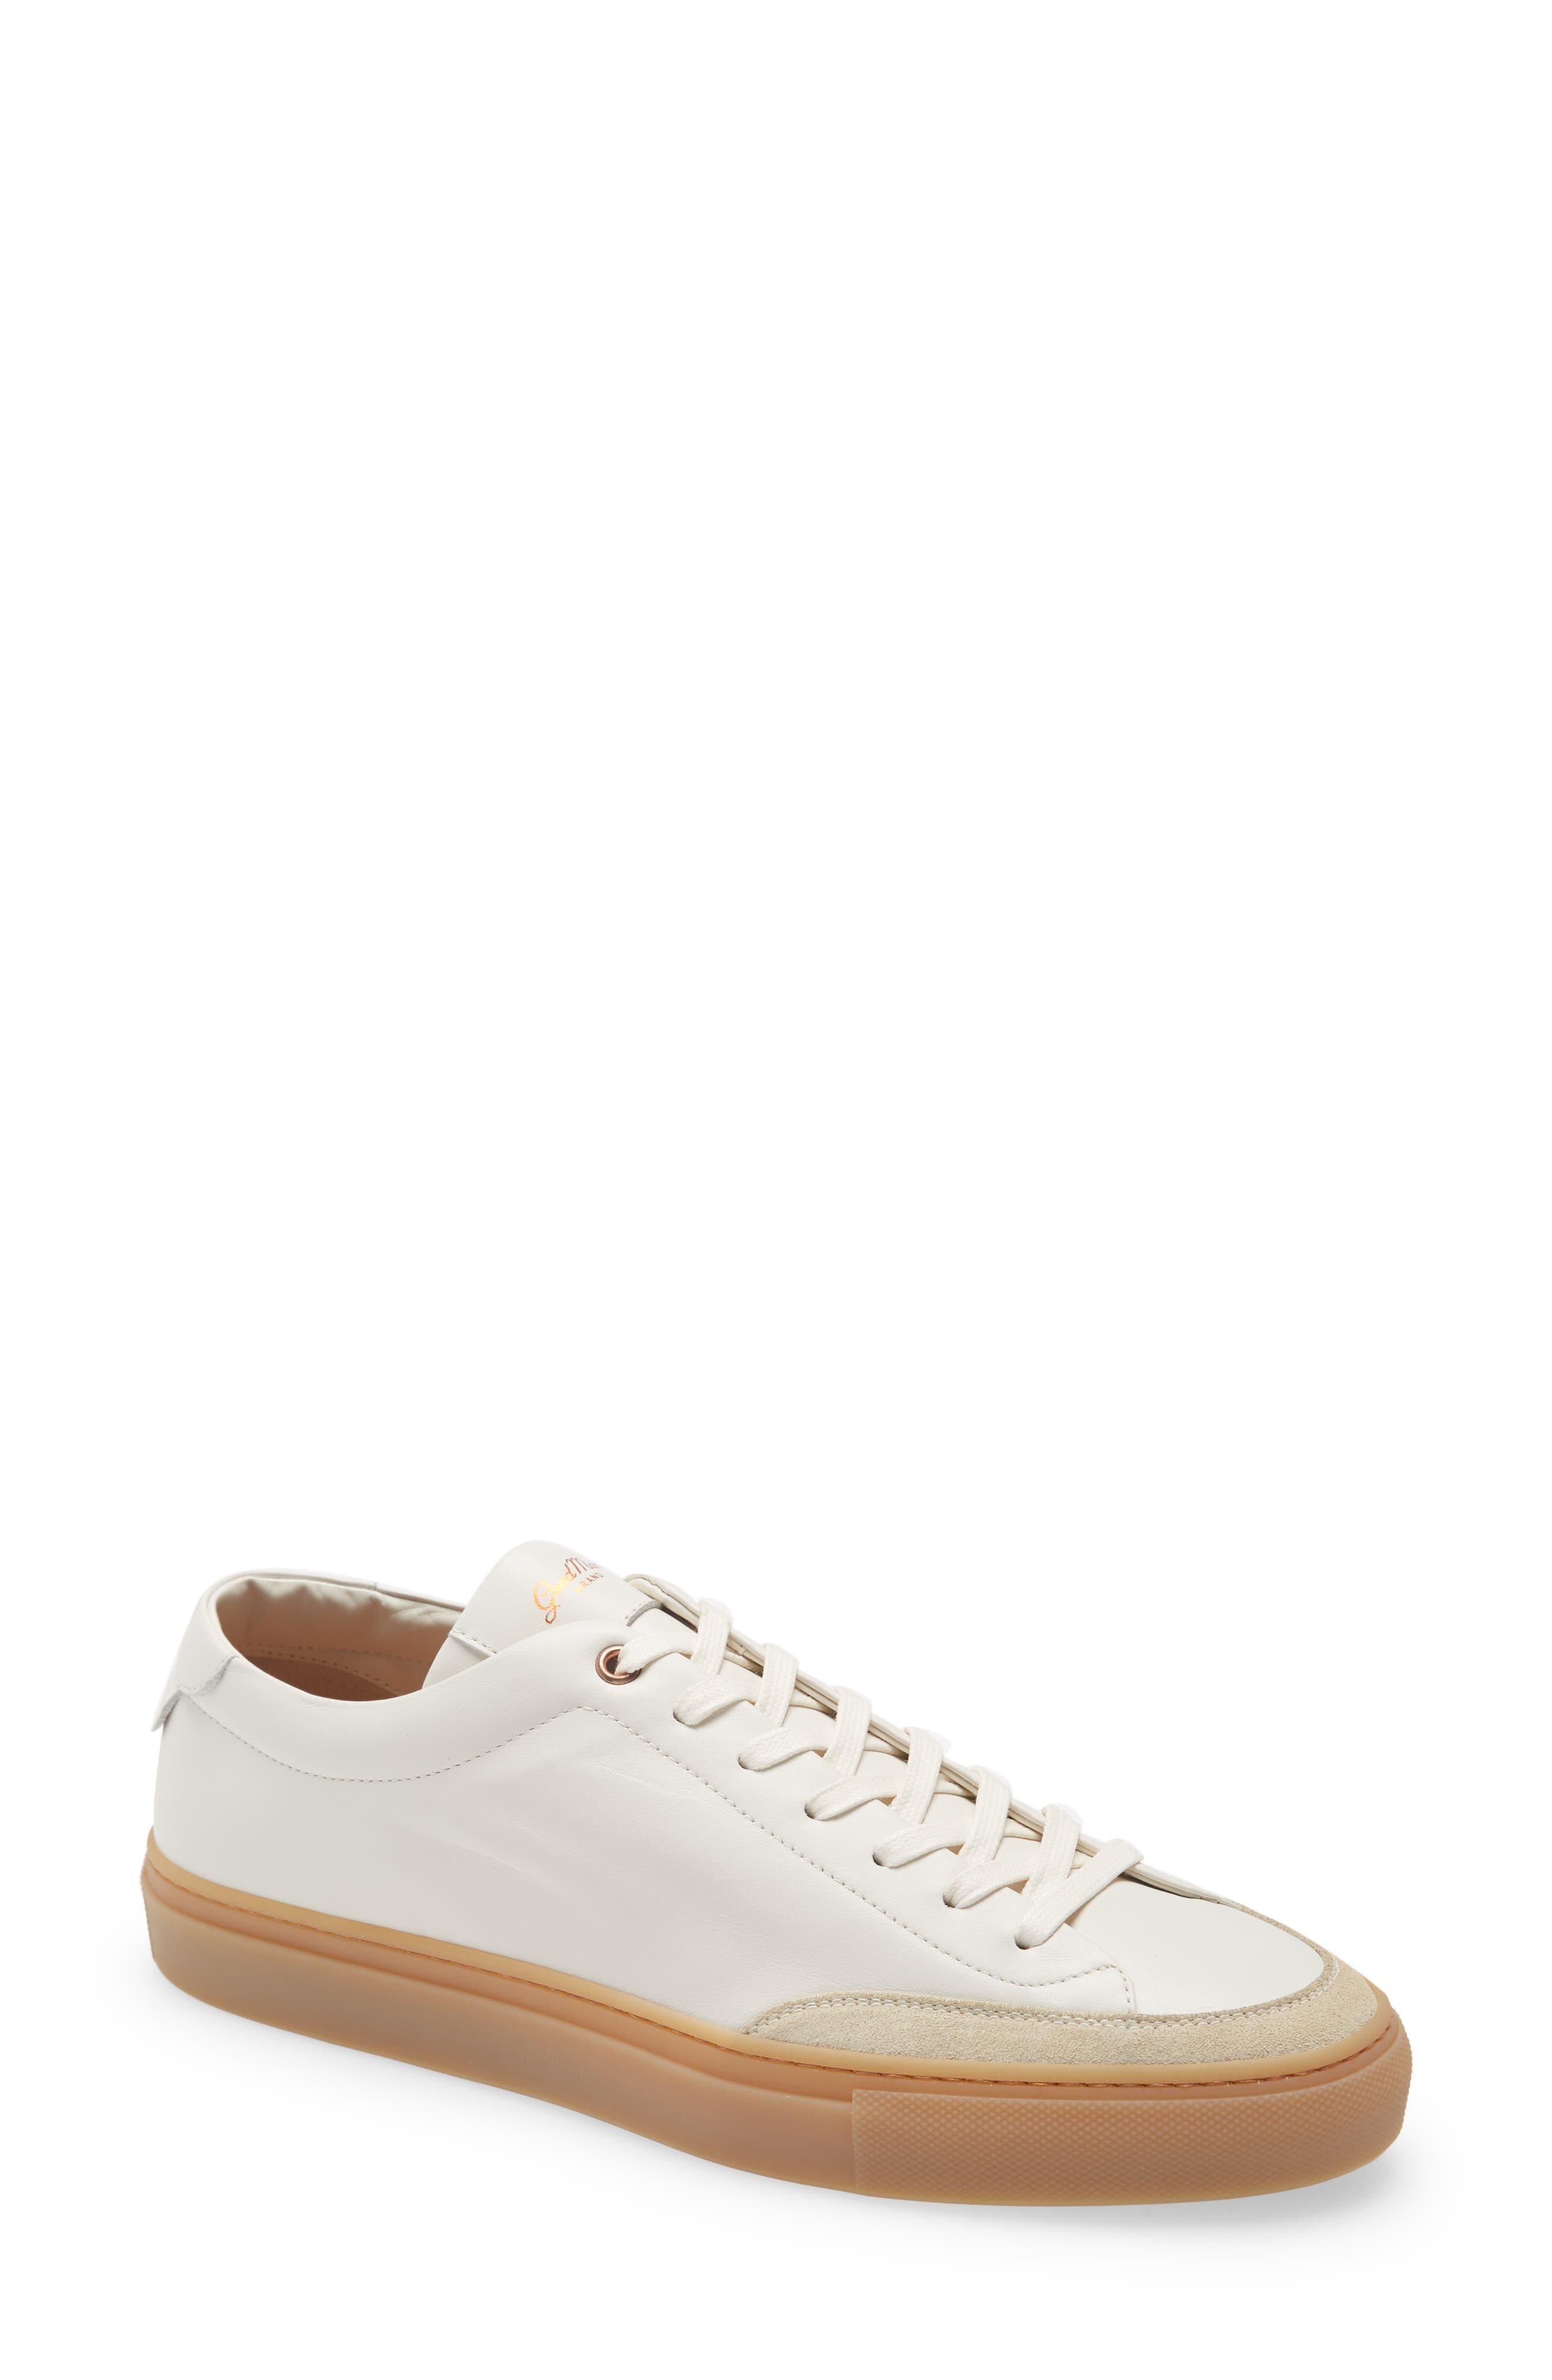 Edge Court Shoe